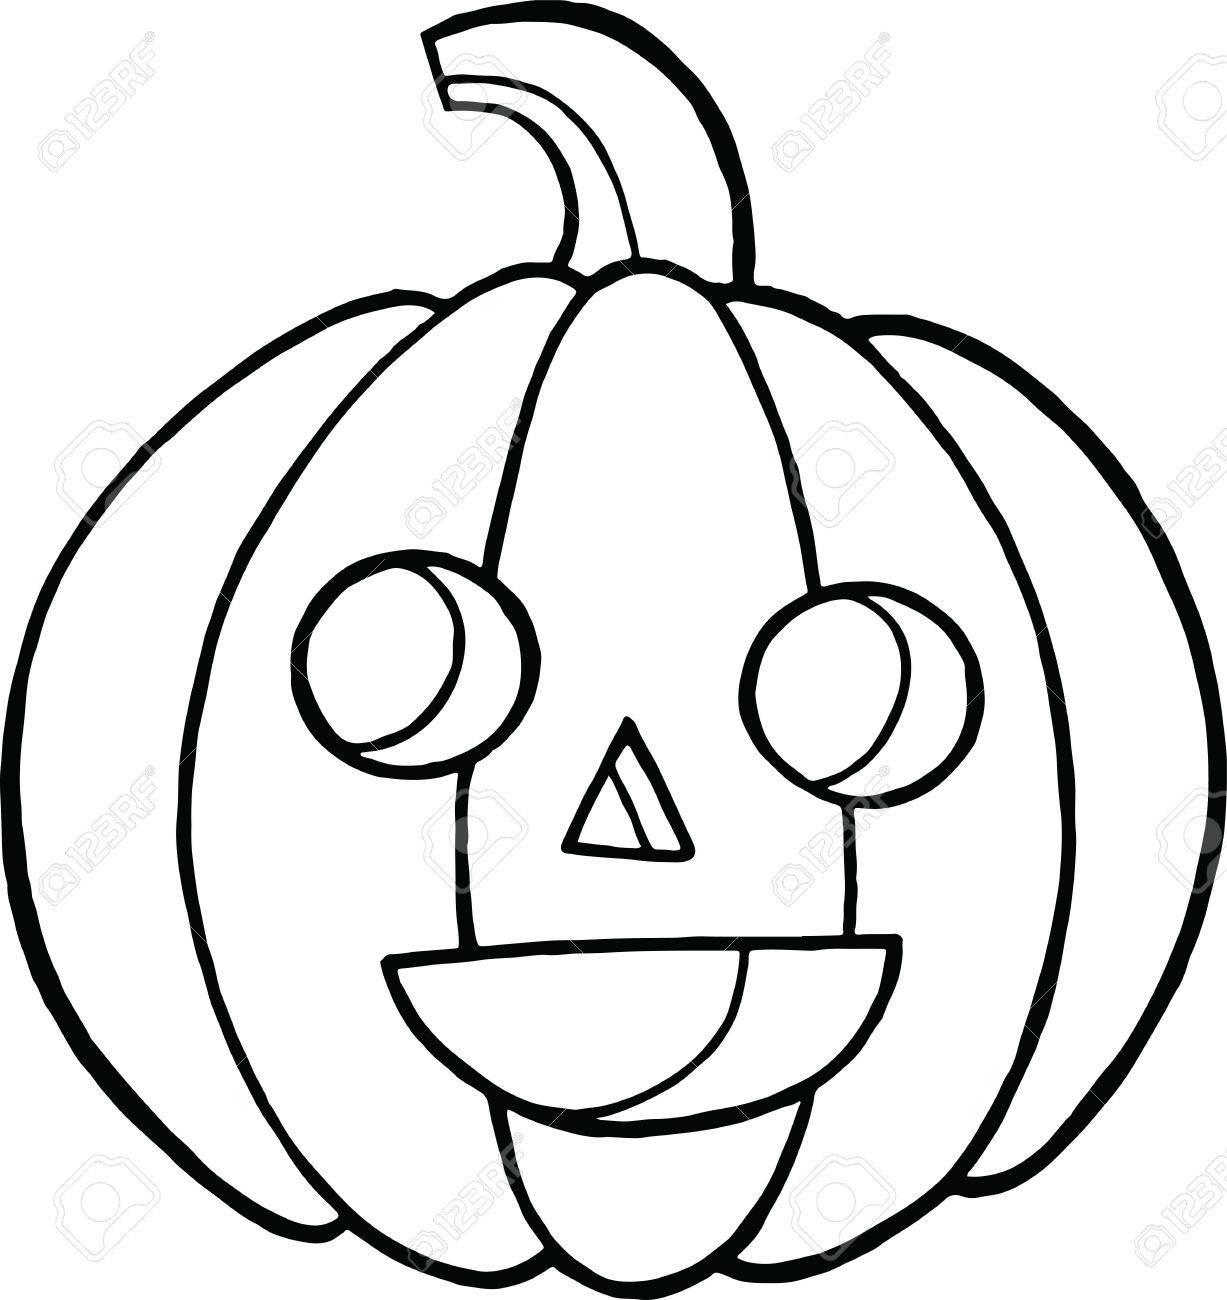 Malvorlagen Und Doodle Skizze Mit Kürbis Für Halloween. Herbst ...